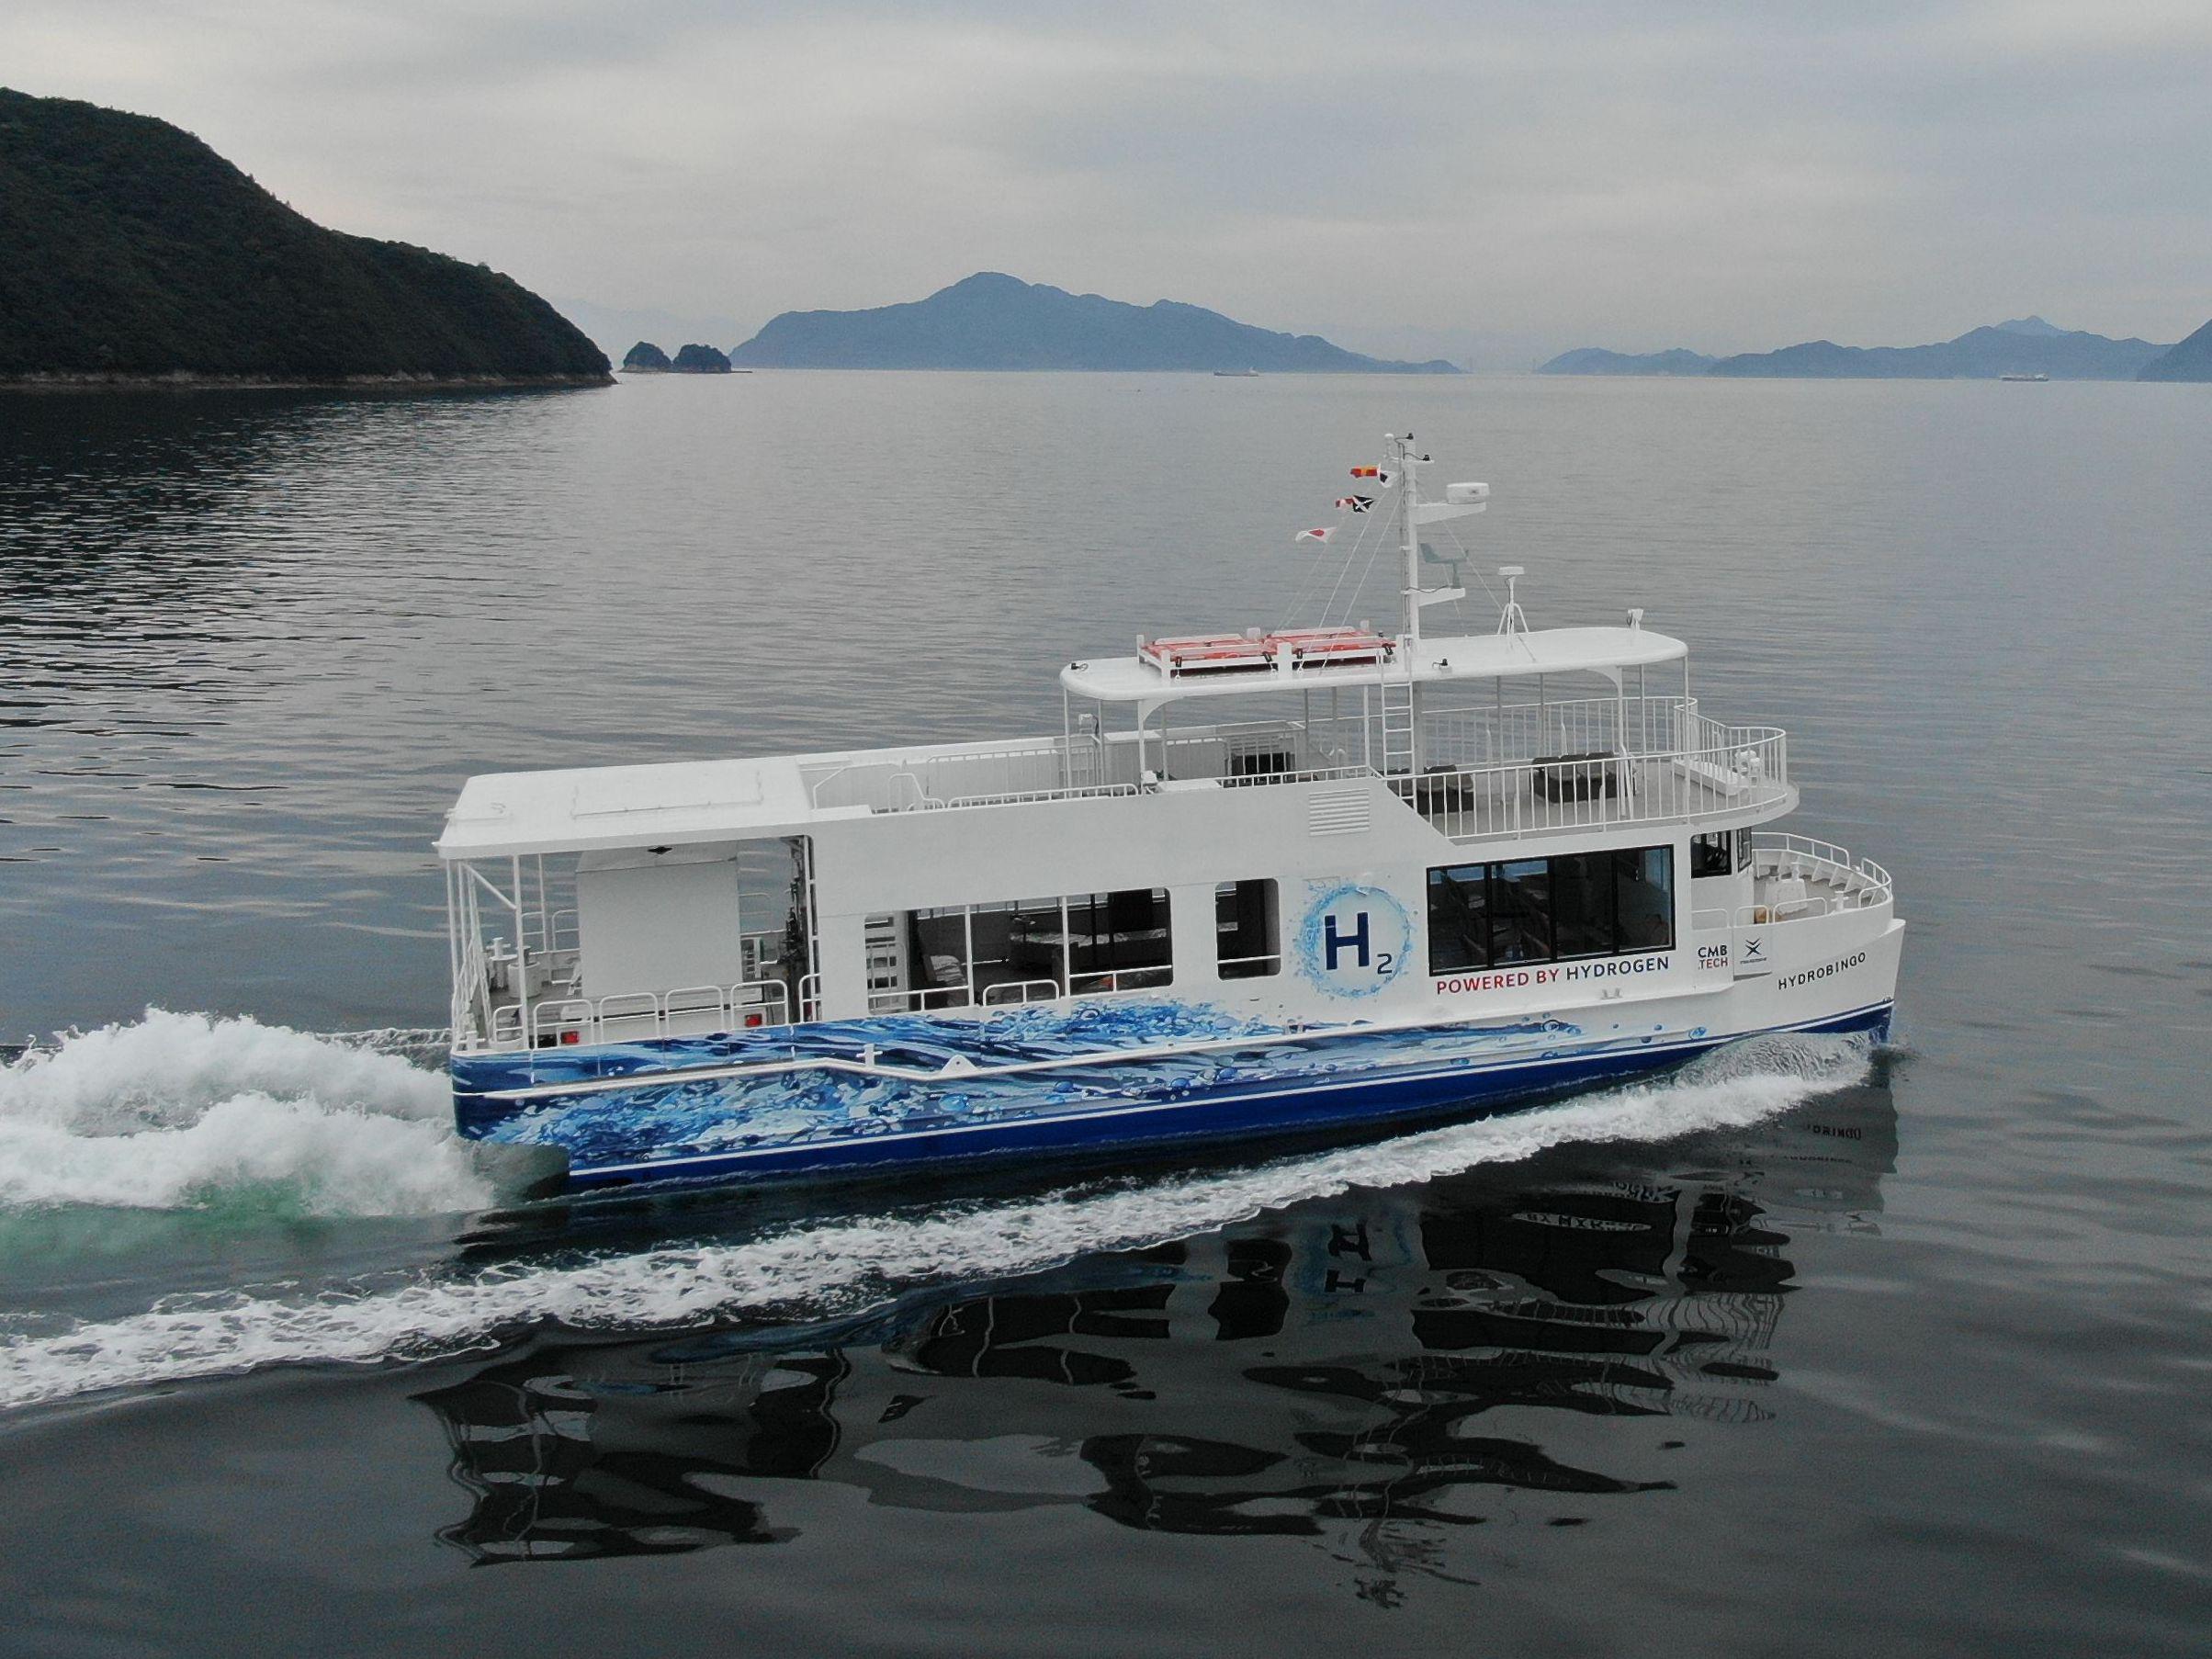 ツネイシクラフト&ファシリティーズ 世界初となる水素燃料フェリーを竣工